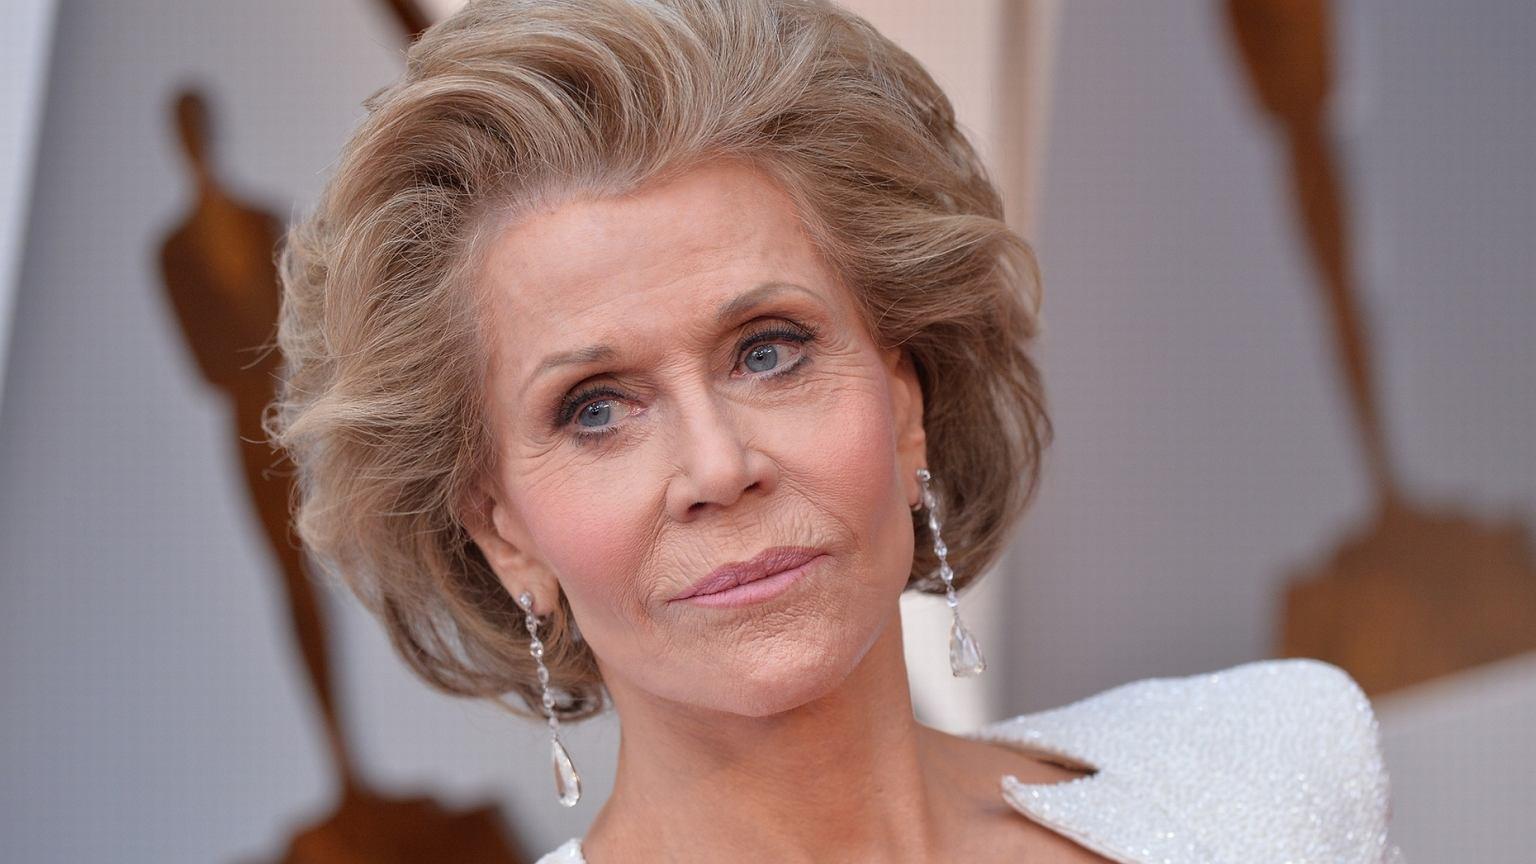 Oscary 2018 Jane Fonda Wyglądała Lepiej Niż Niejedna